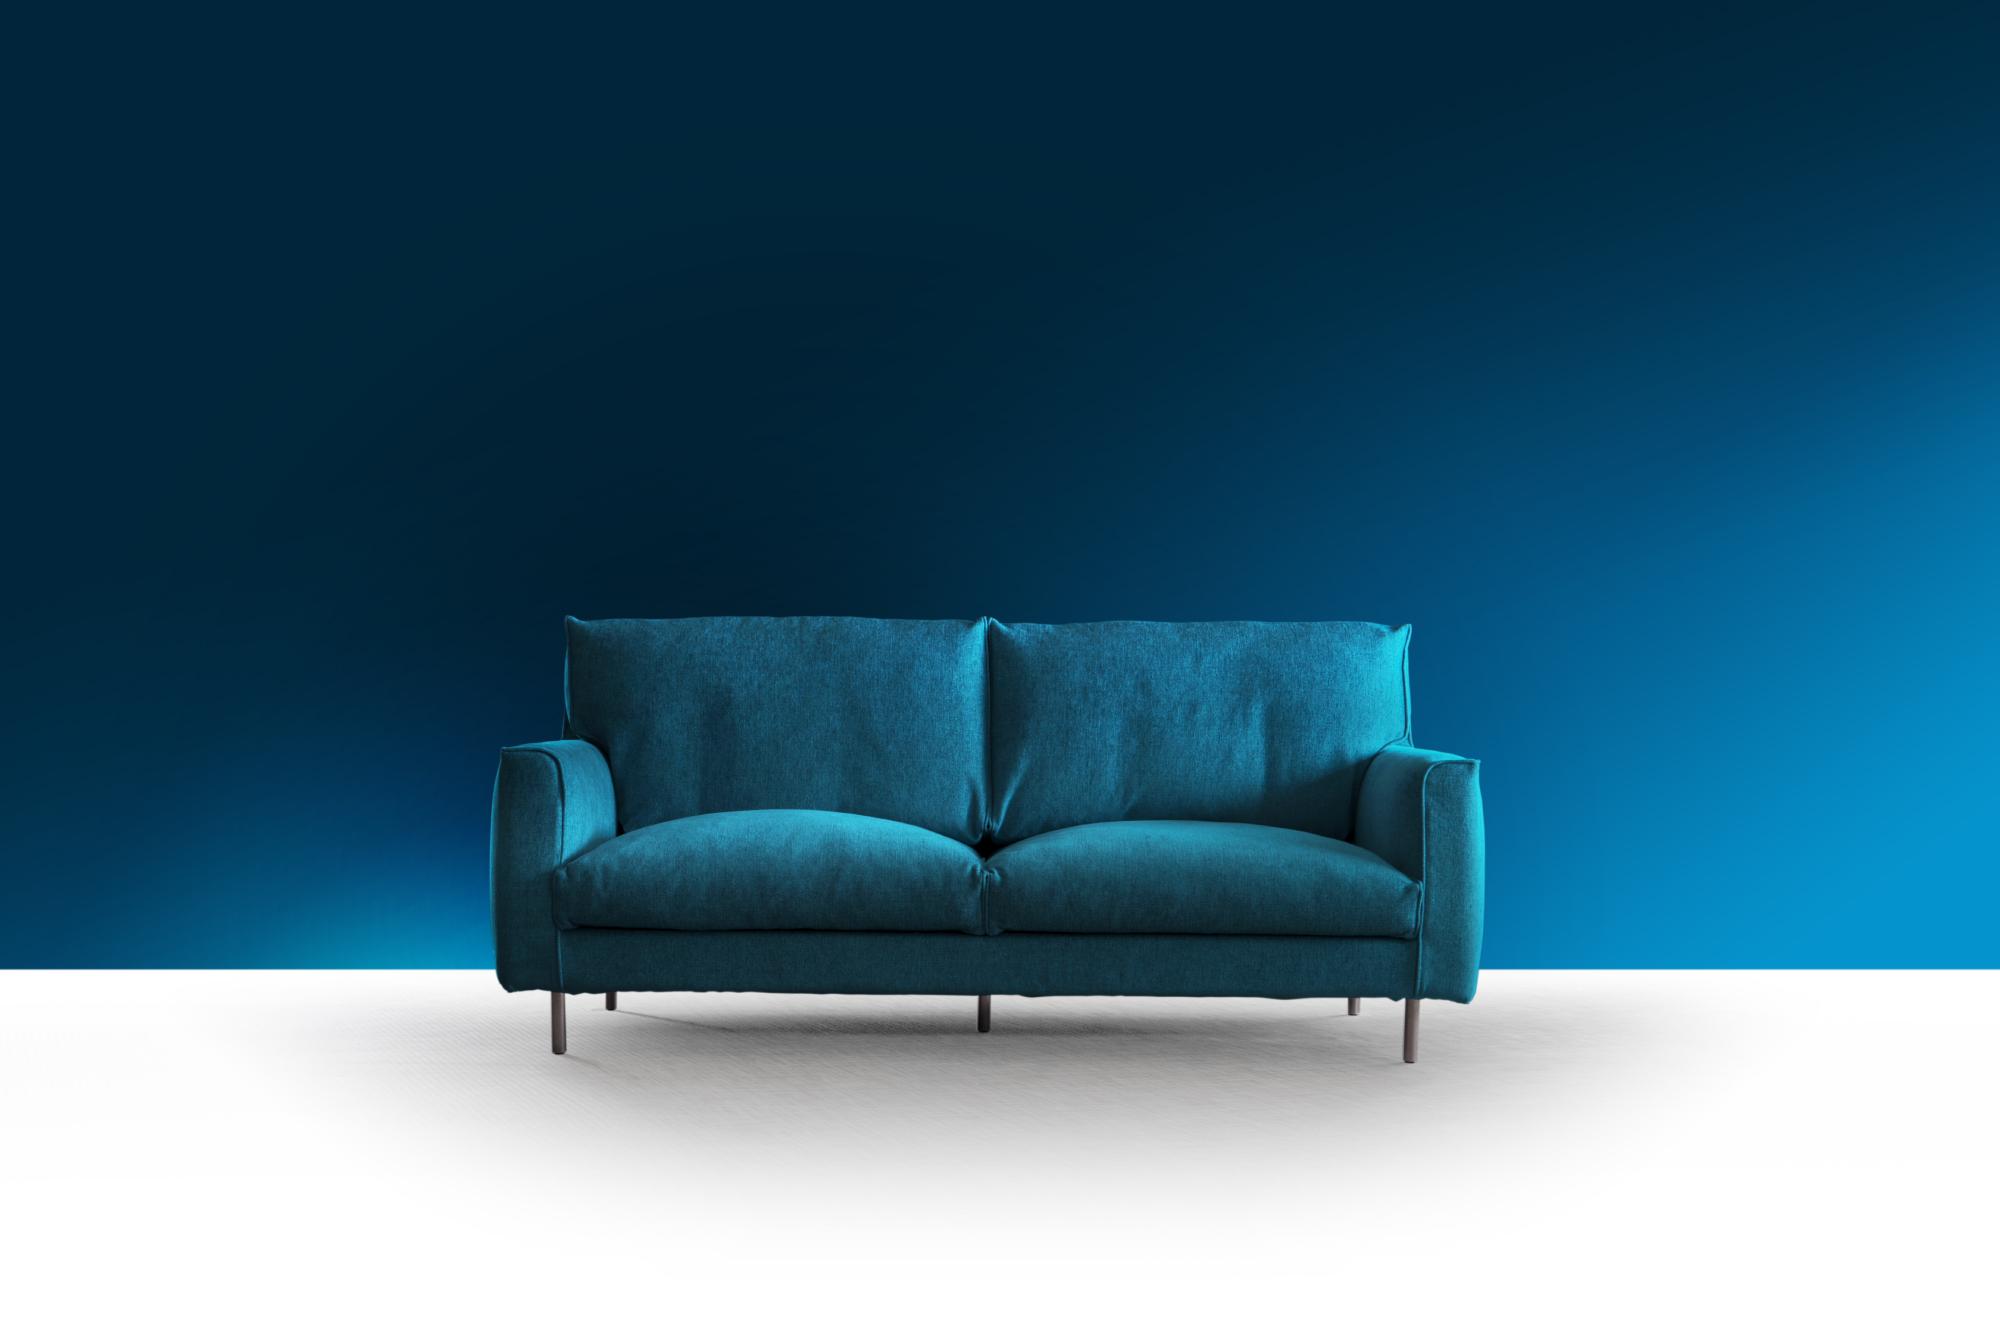 PG_front_blue_blue_m